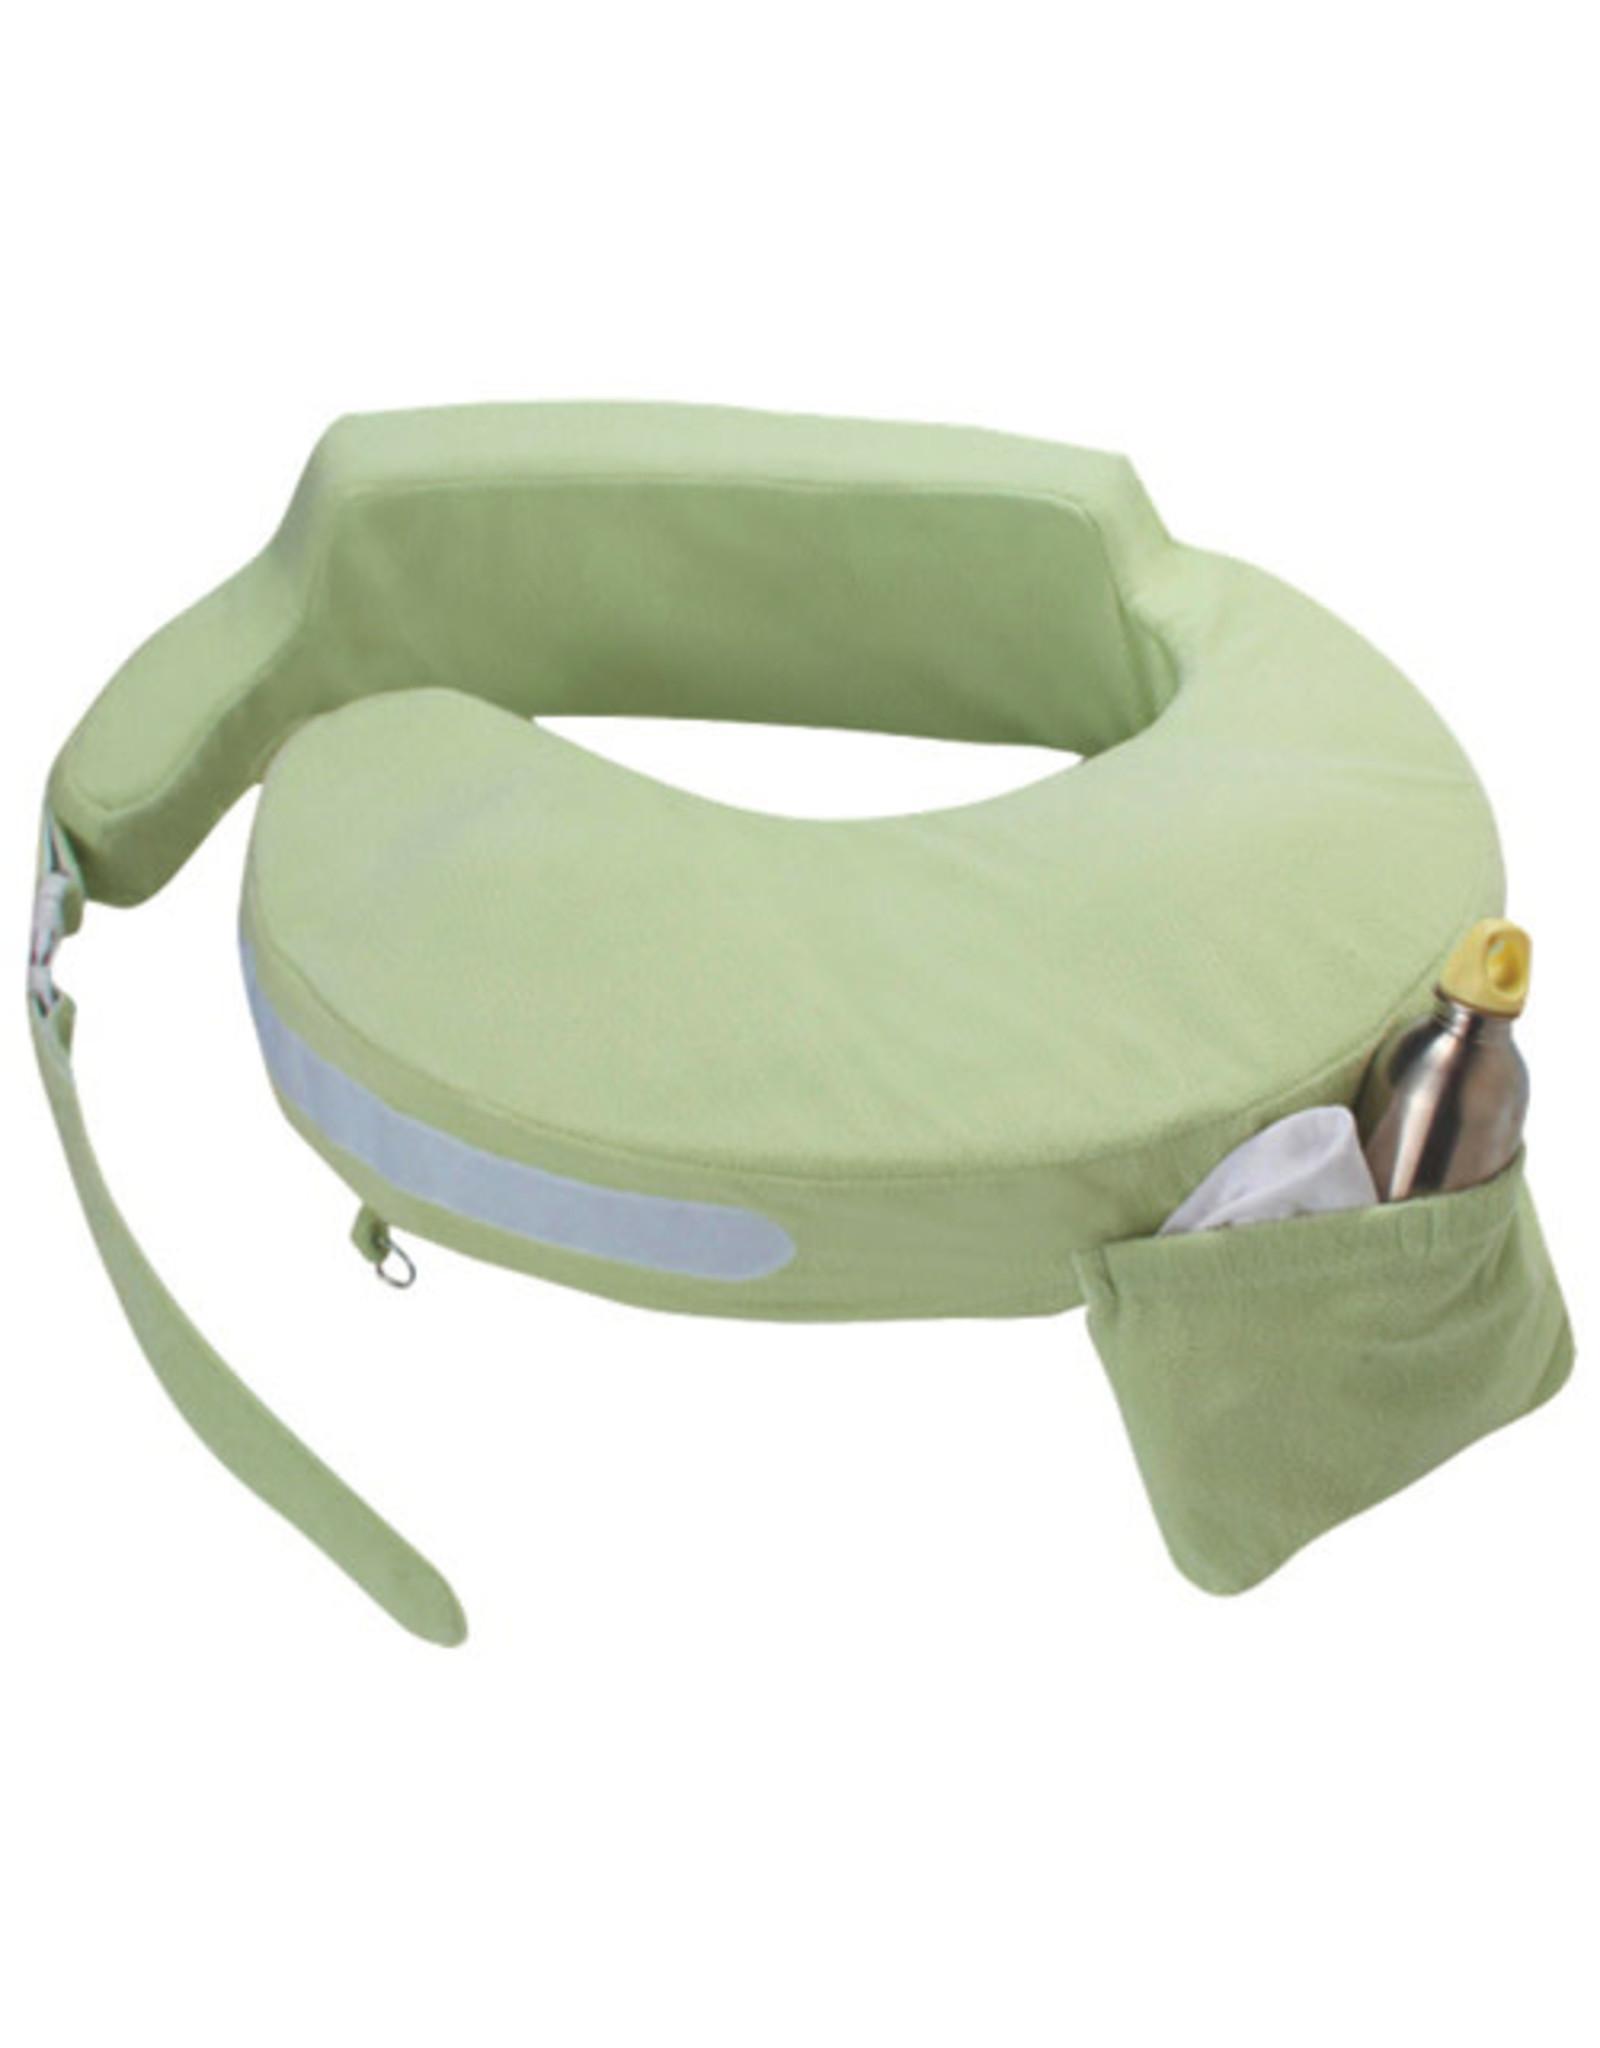 My Brest Friend My Brest Friend, Deluxe Nursing Pillow Green